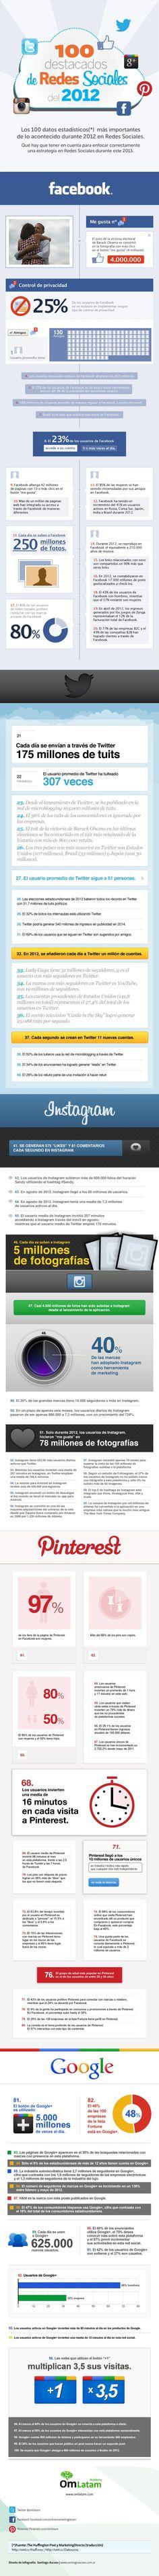 100 datos clave para planificar la estrategia en redes sociales en 2013 [Infografía]